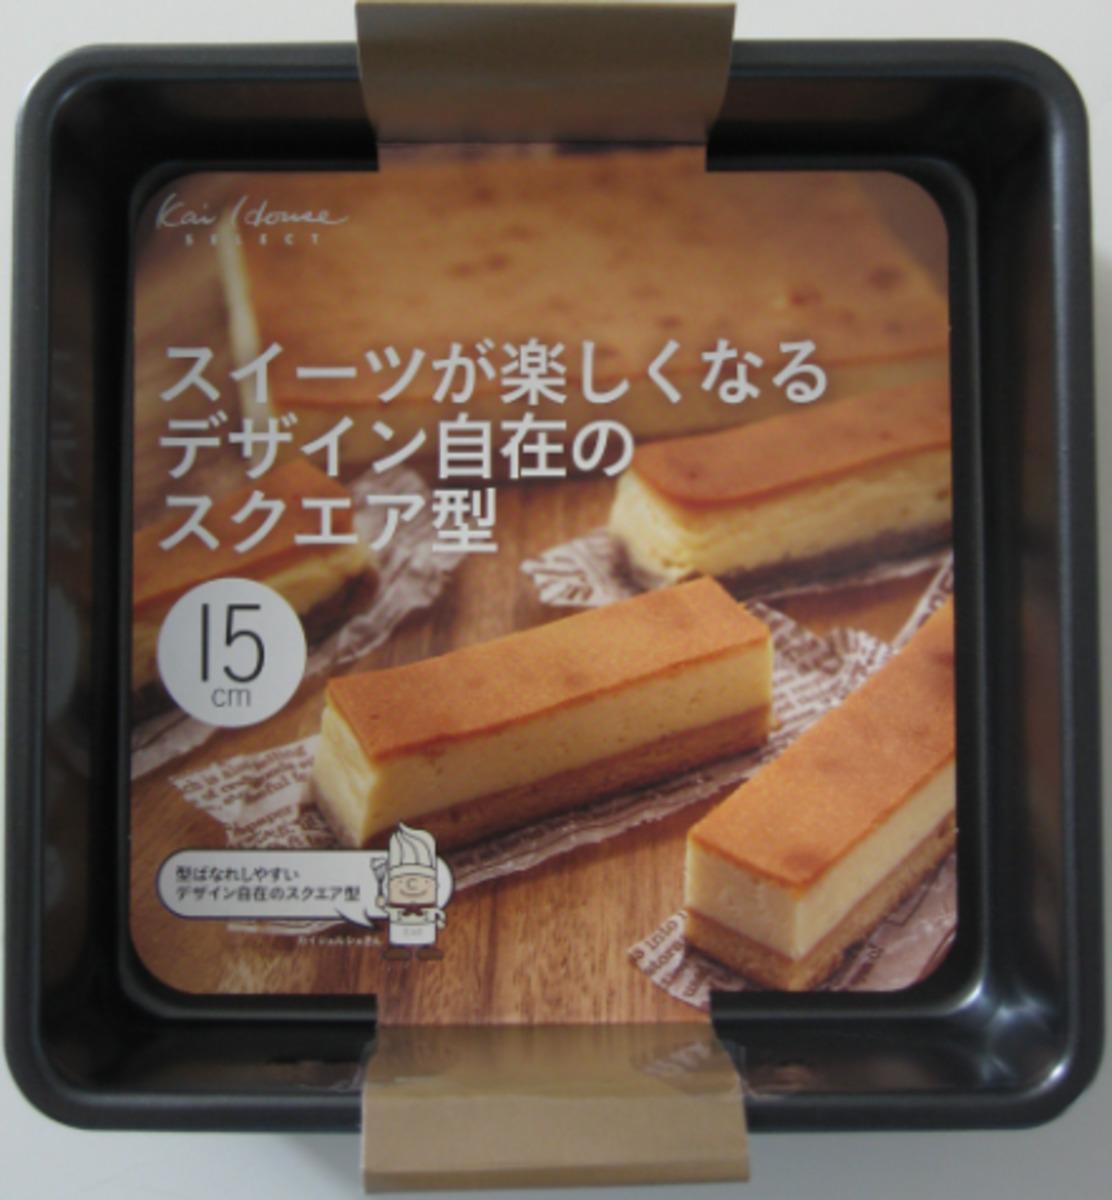 正方形蛋糕模 15cm